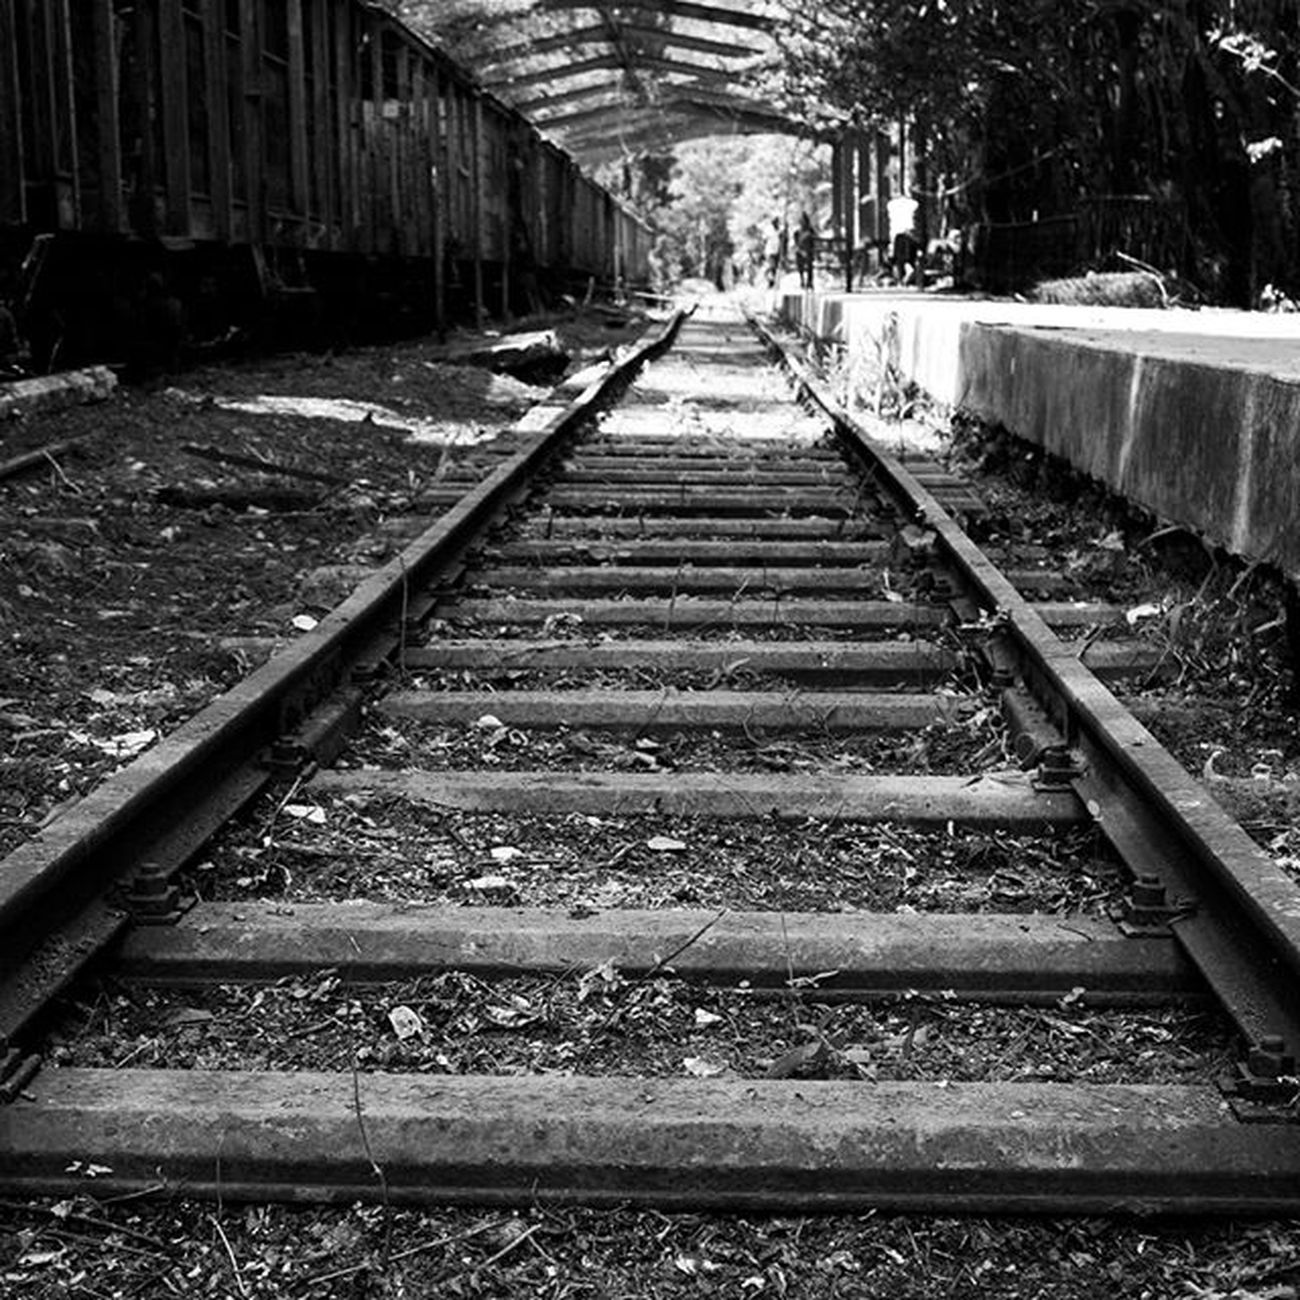 Sigue avanzando, aunque el camino parezca infinito, sigue. Estación de tren El Encanto-Los Teques Fotografiandoconelcorazon LivingVenezuelaVE Increiblevzla Elnacionalweb Ig_Venezuela_pro IG_GRANCARACAS VibraVenezuela Loves_venezuela Instavenezuela Nuestravenezuela_ Gf_venezuela Ig_caracas_ Venezuelansite Venezuela_estrella Ig_venezuela_ InstaLOVEnezuela Icu_venezuela Lovecamera_photo Fotomargarita InstaLOVEnezuela Venezuela_estrella Igrecommend Digers_vzla Digers_venezuela